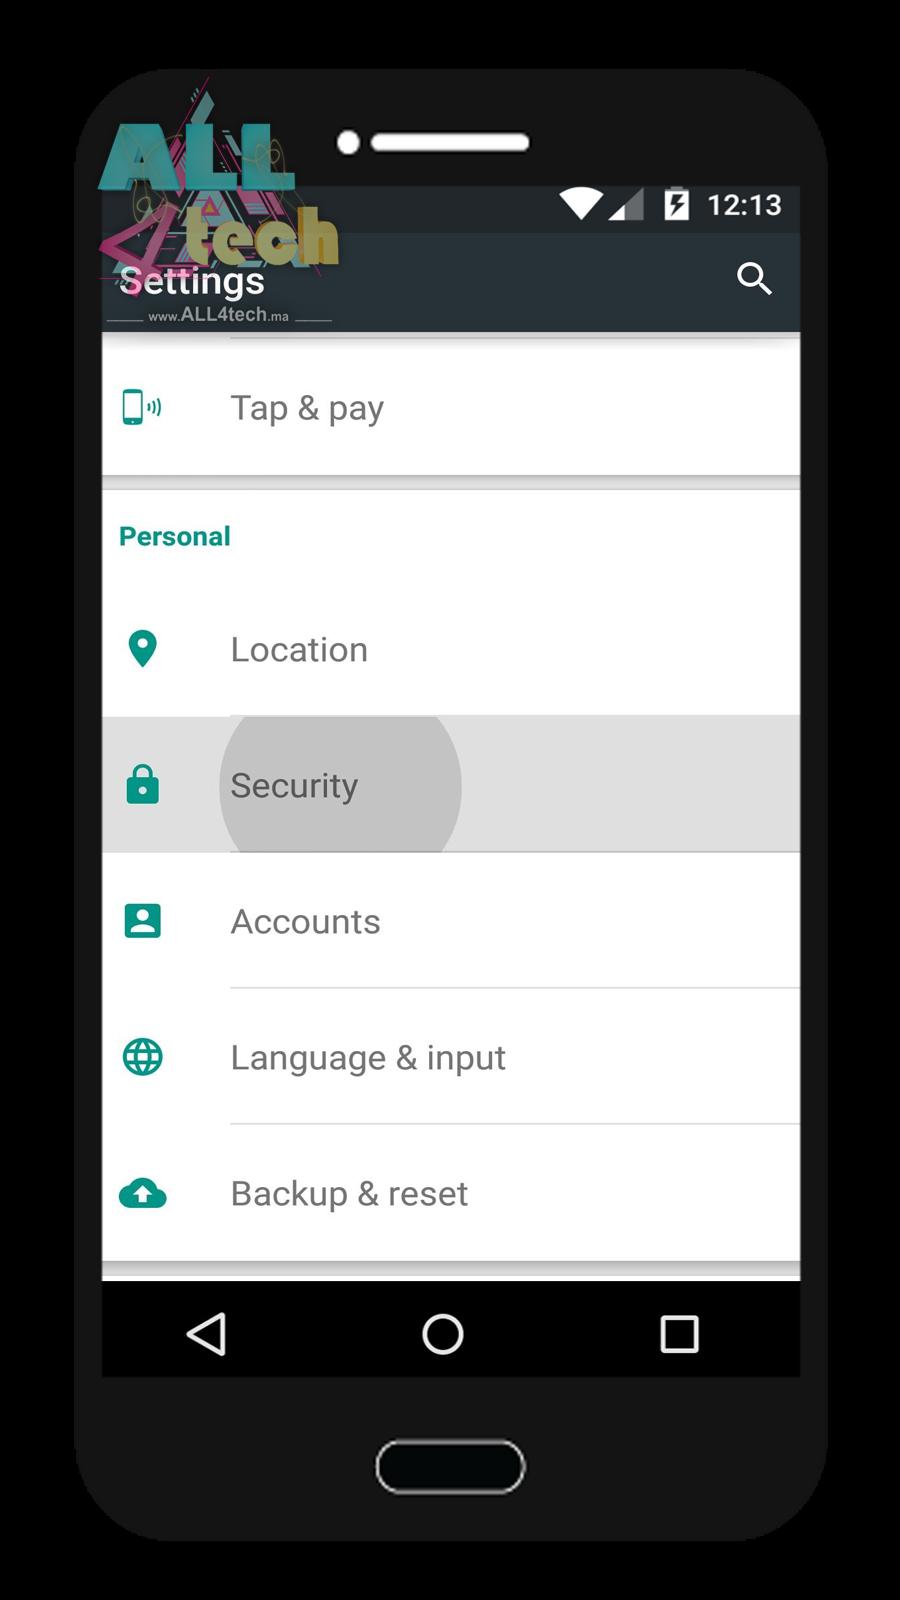 كيفية تثبيت التطبيقات في الاندرويد Android من مصادر غير معروفة